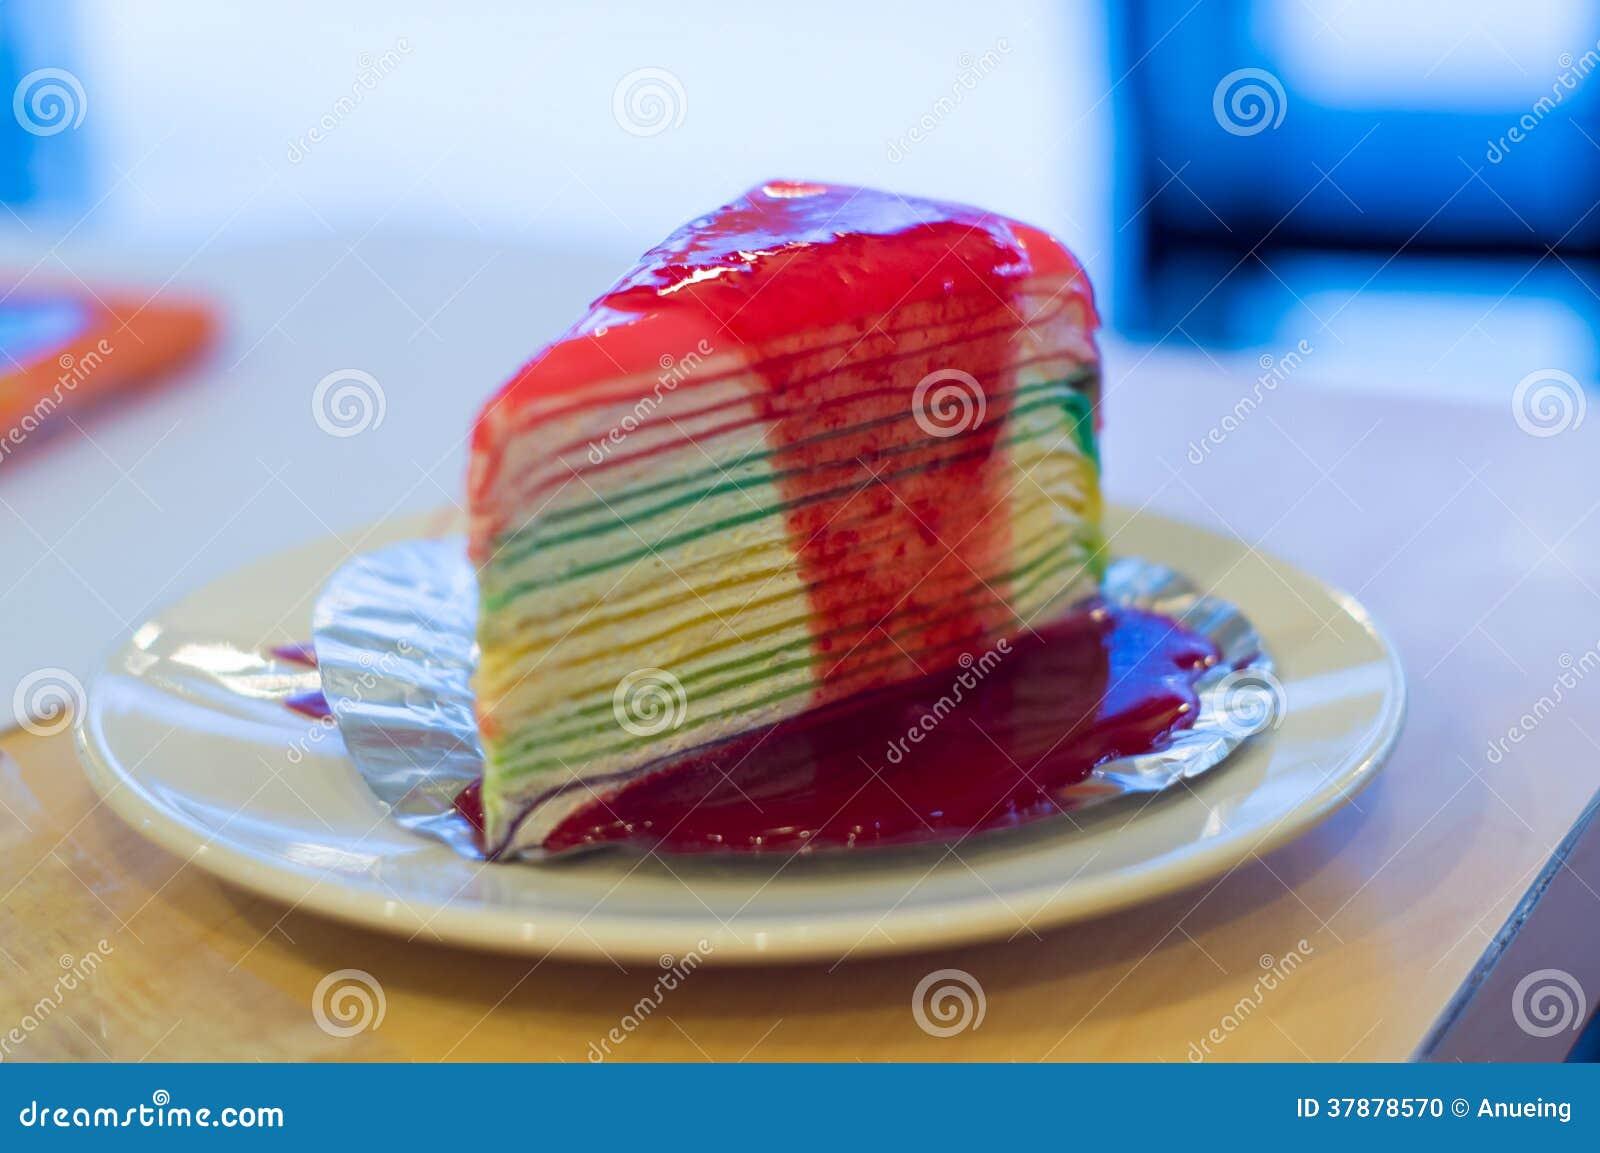 在白色盘的彩虹蛋糕.图片